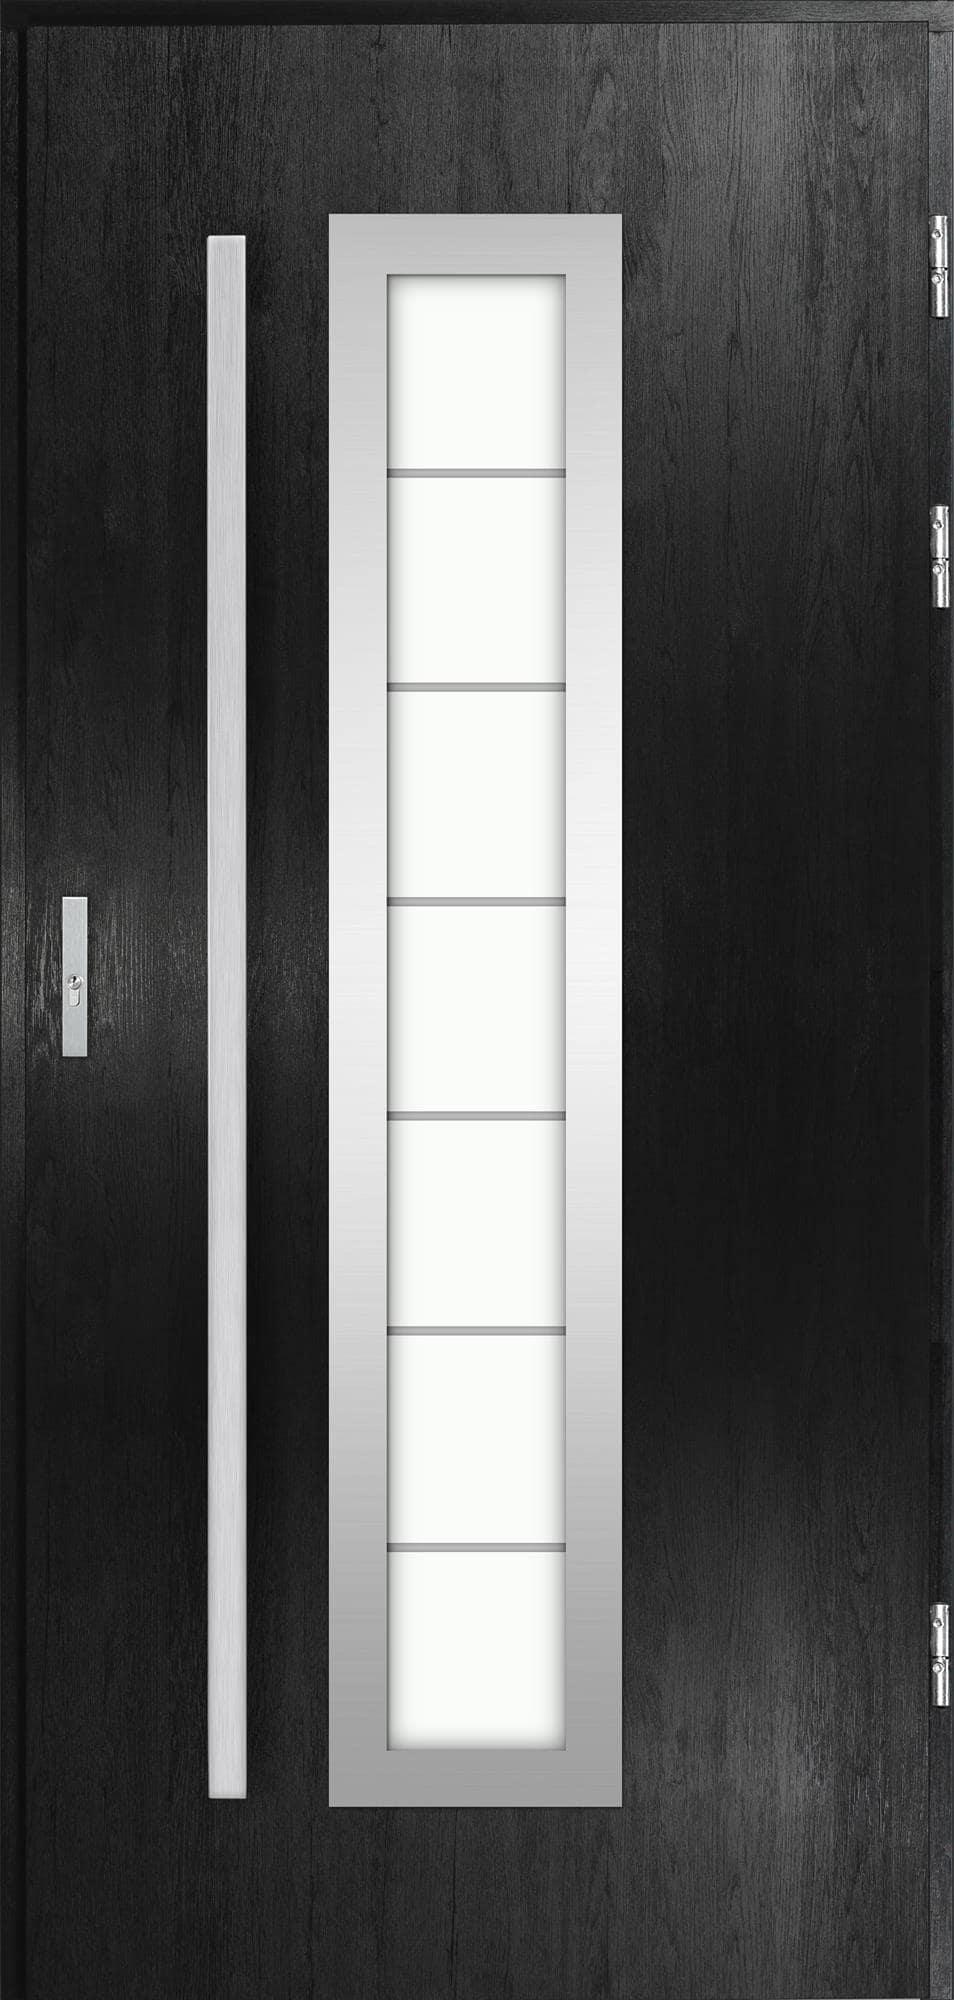 Venkovní vchodové dveøe Hevelio, èerná